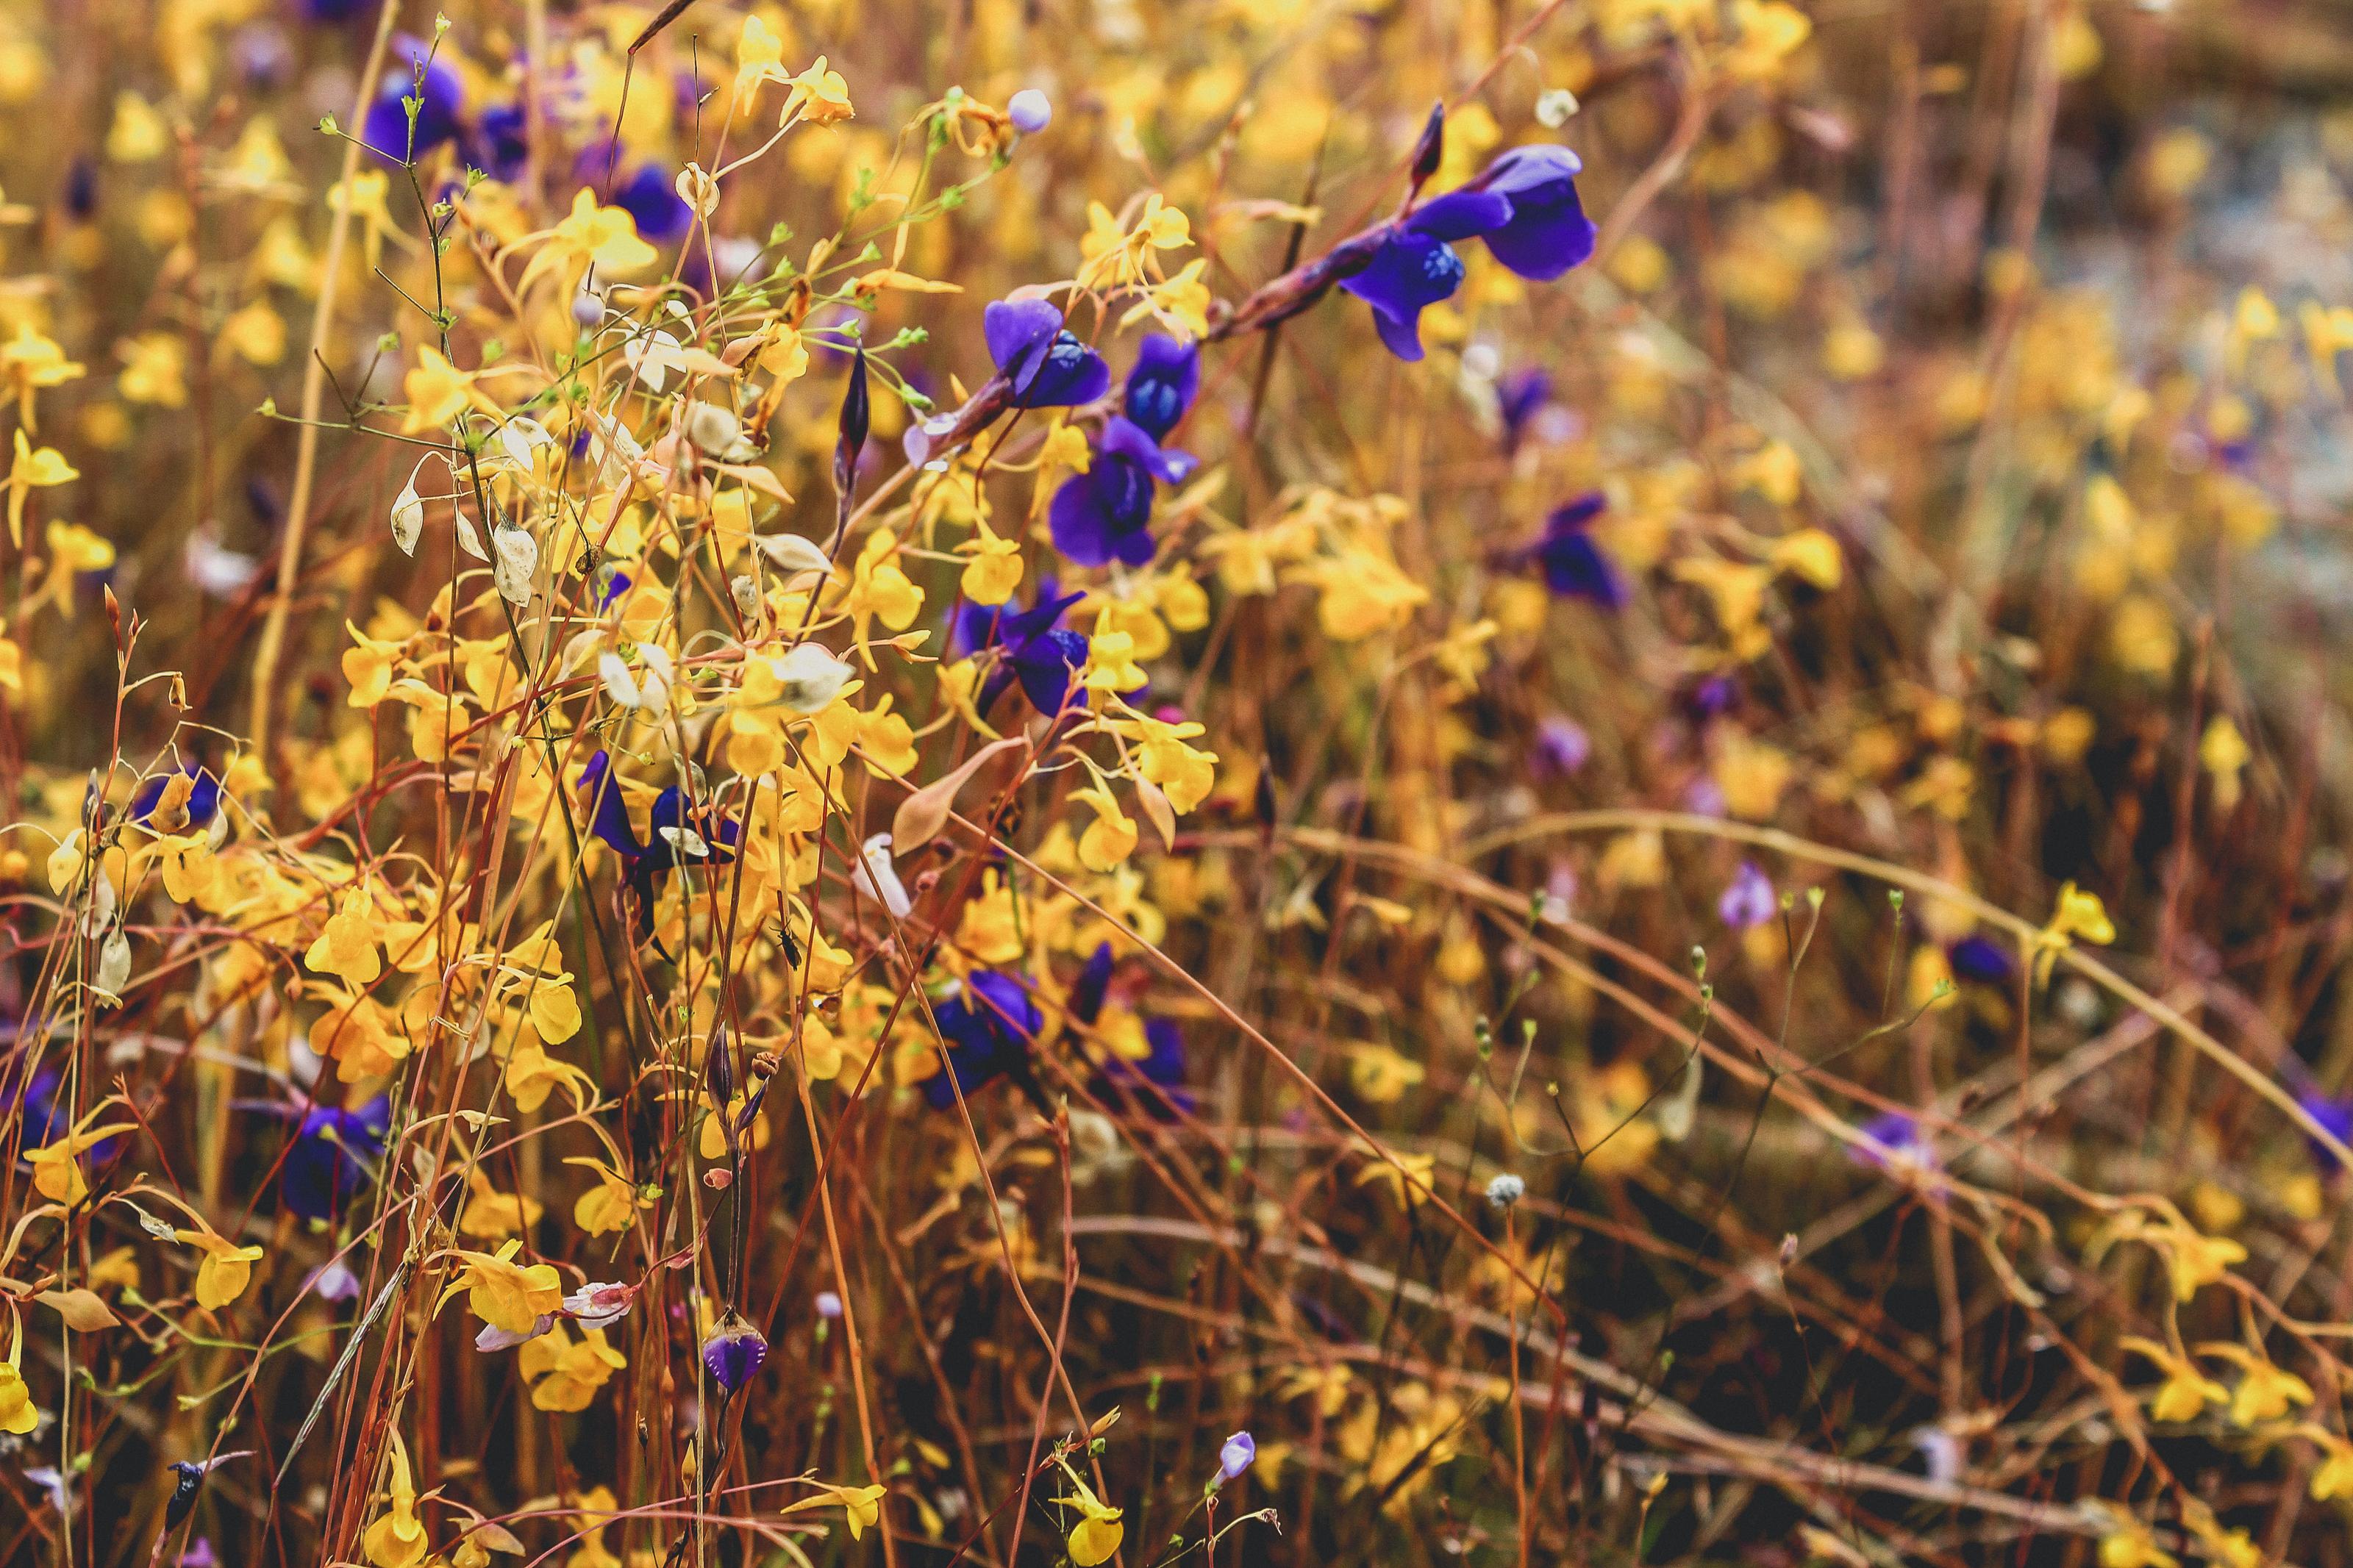 8a7113f78 Free fotobanka : divoký, květ, barva, Venkovní, Příroda, Krásná, pole,  letní, krajina, žlutý, Thajsko, čerstvý, květinový, zelená, cestovat, park,  hora, ...